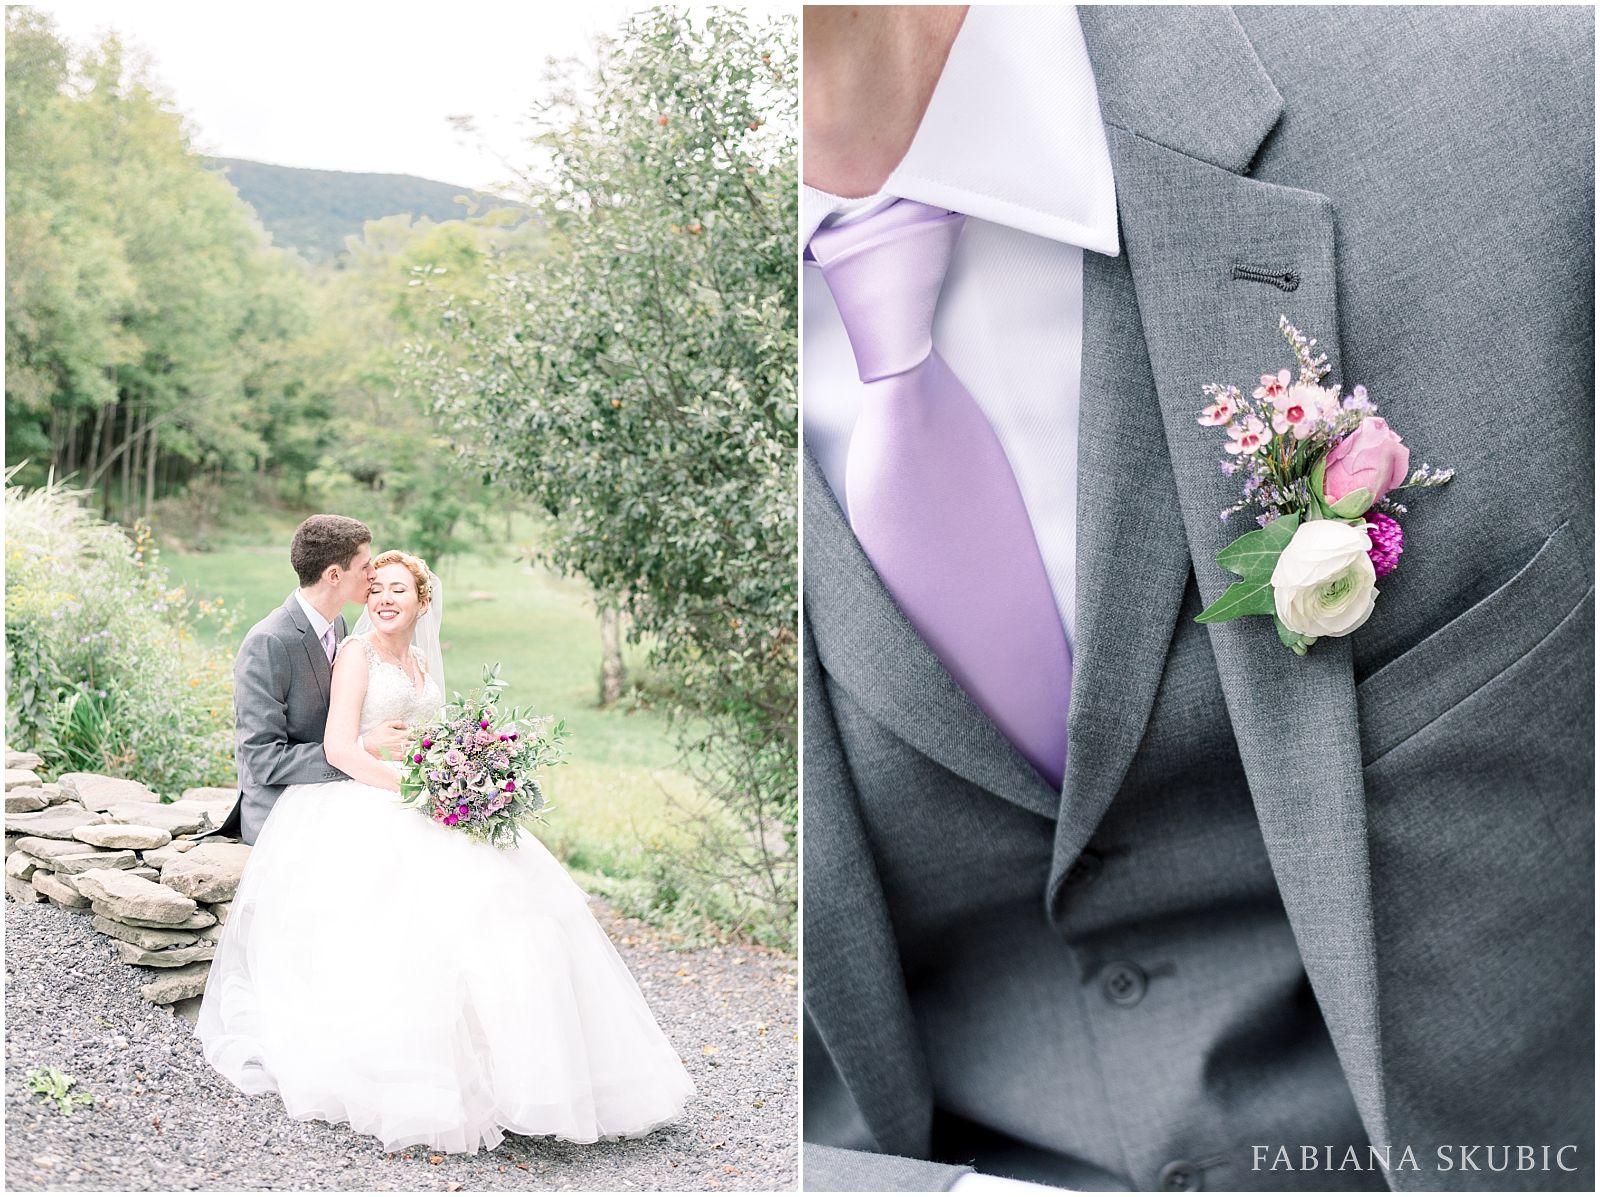 FabianaSkubic_J&M_FullMoonResort_Wedding_0056.jpg